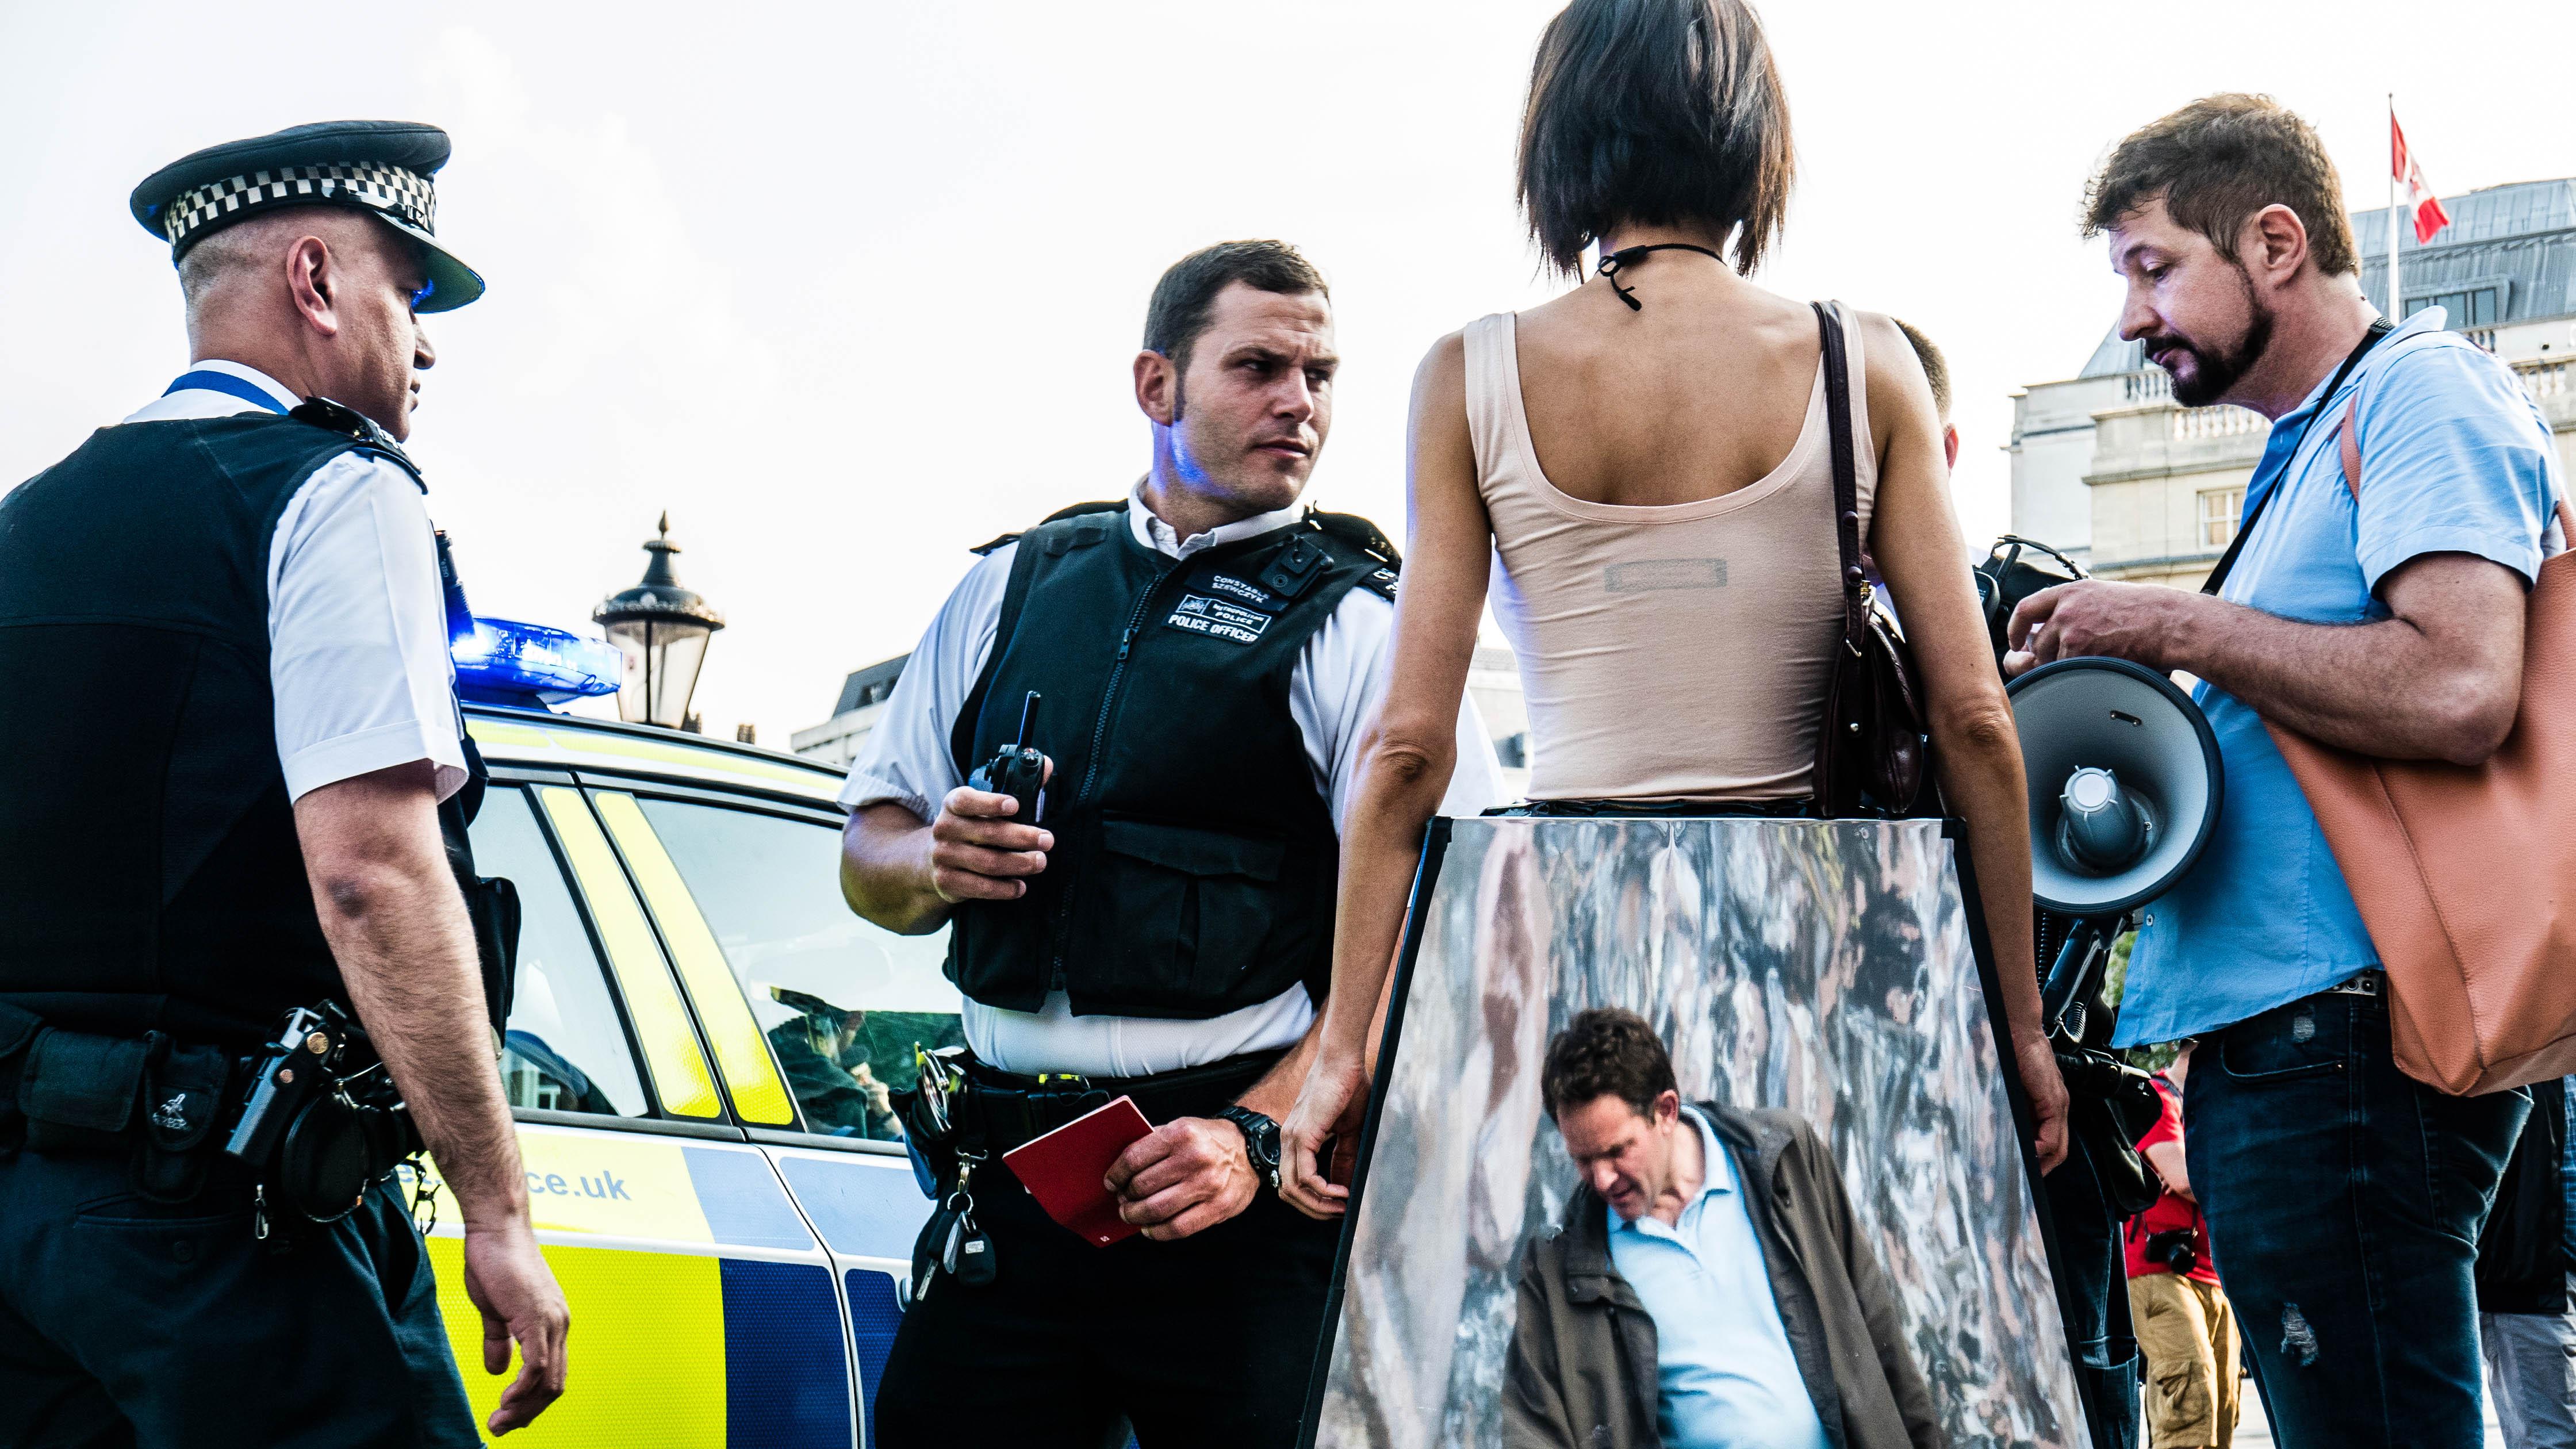 Milo Moiré arrested